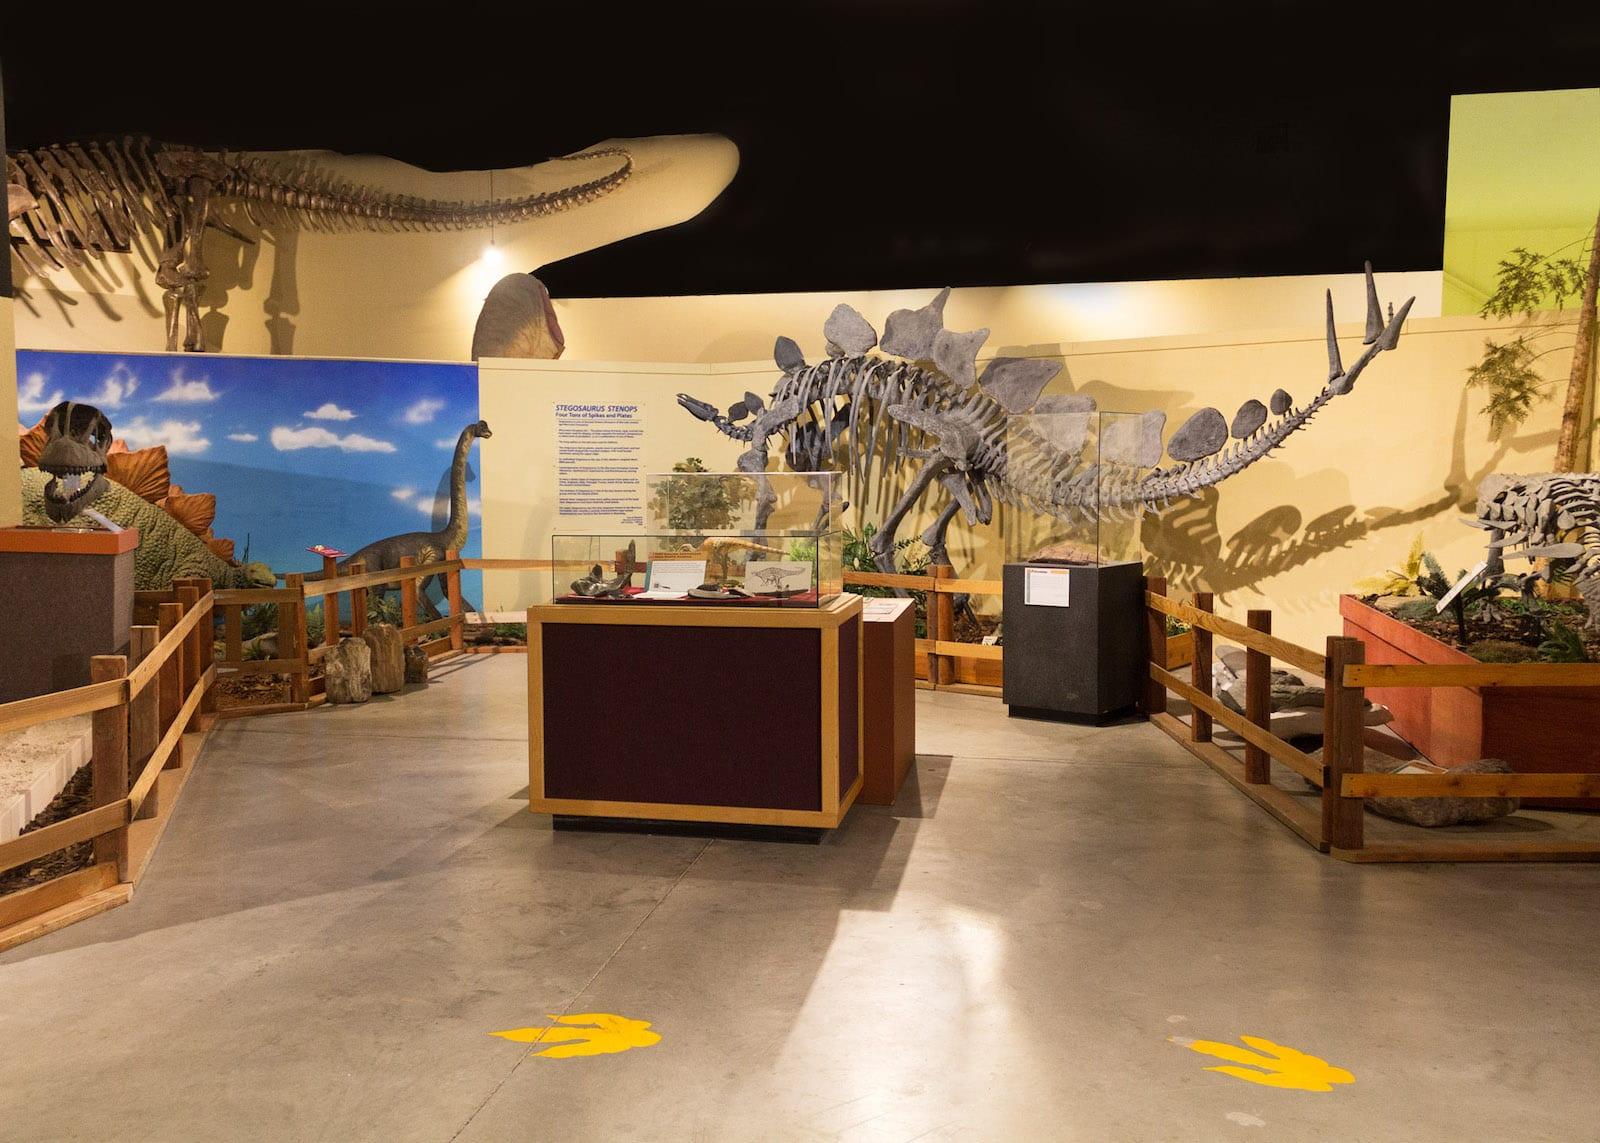 Stegosaurus in Fruita, Colorado